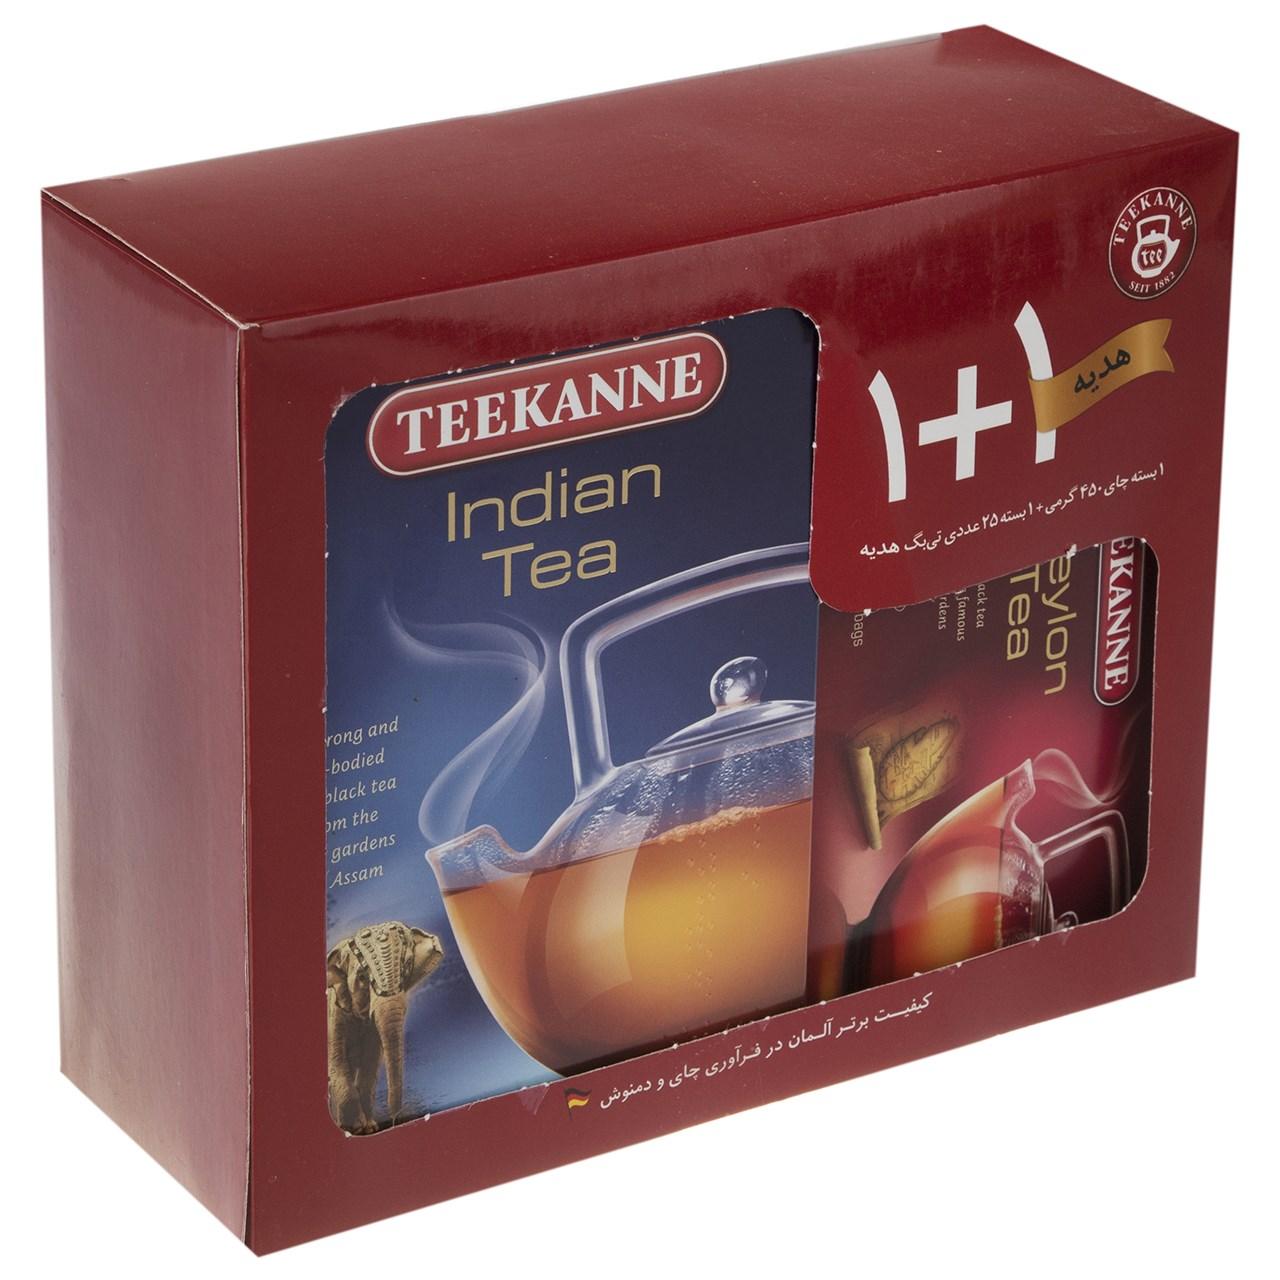 چای سیاه تی کانه مدل Indian Ceylon بسته 2 عددی